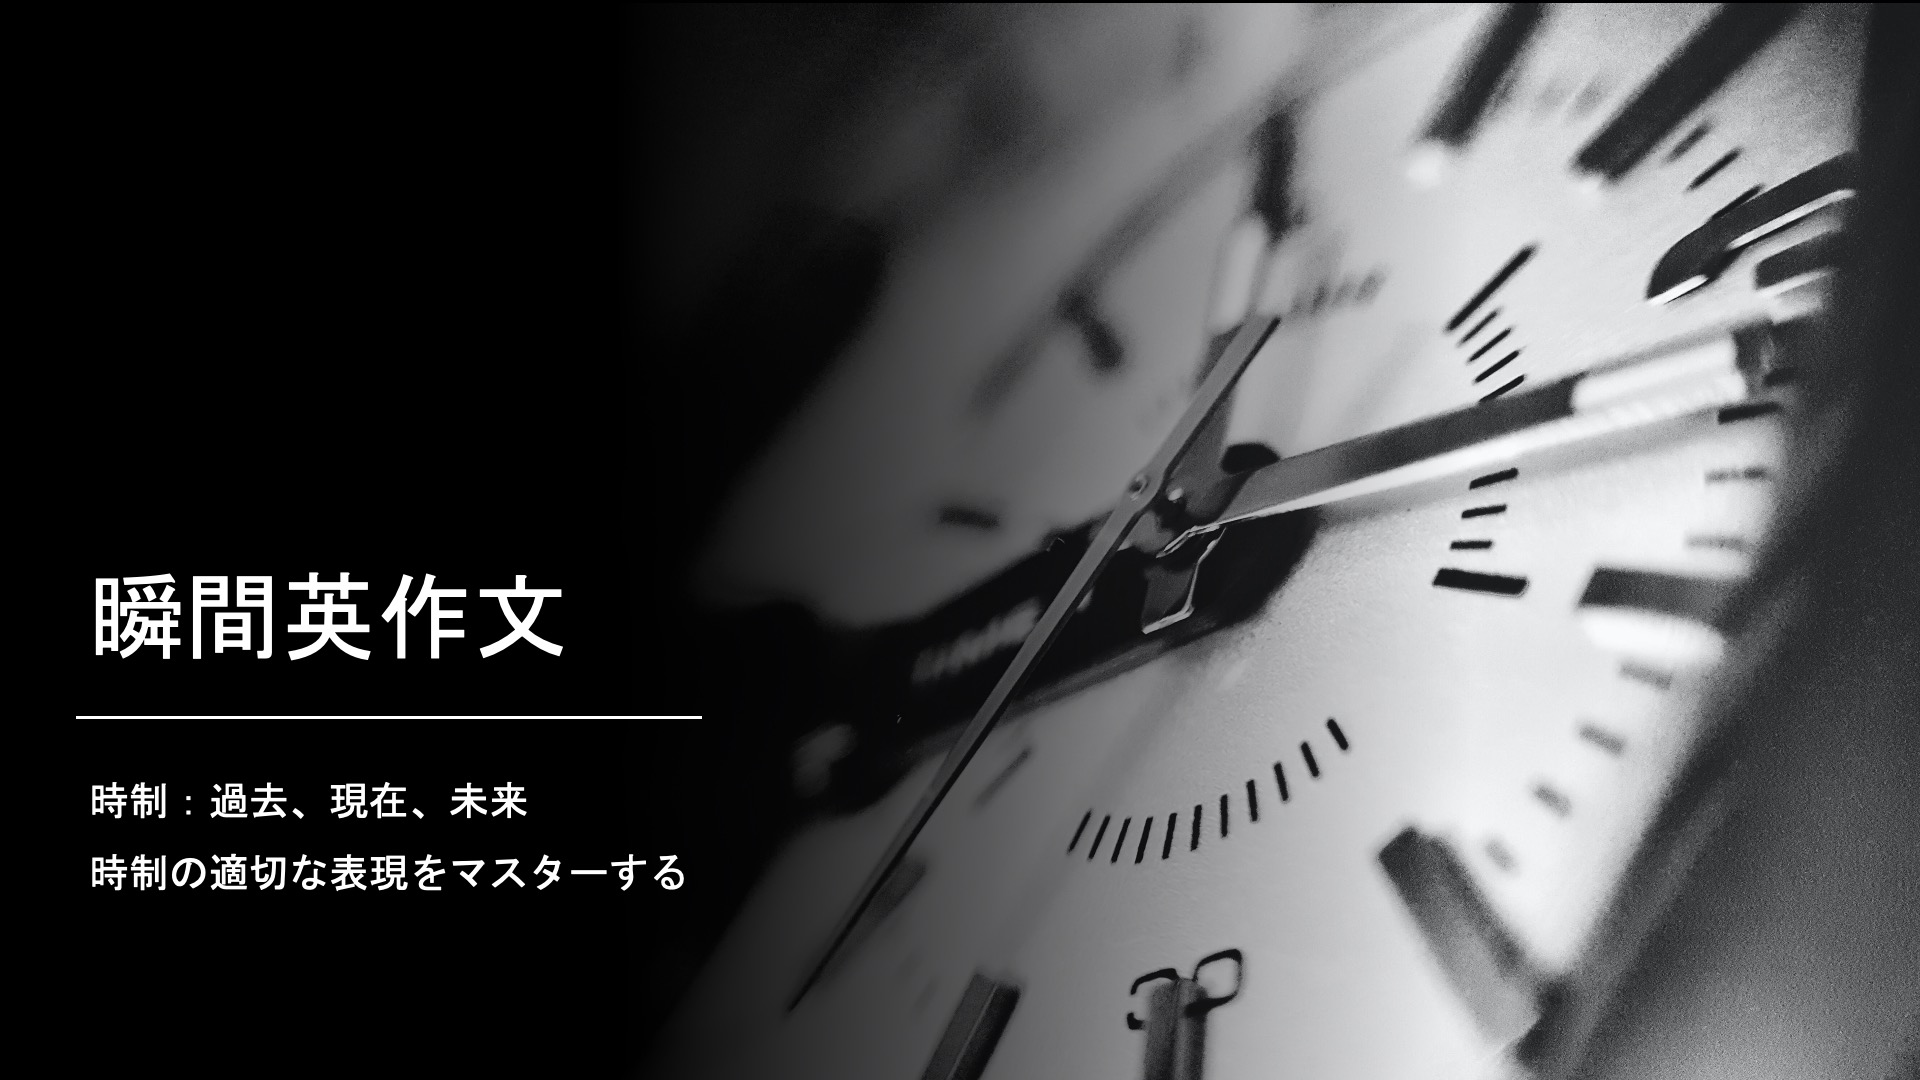 瞬間英作文ーーー時制(過去・現在・未来)